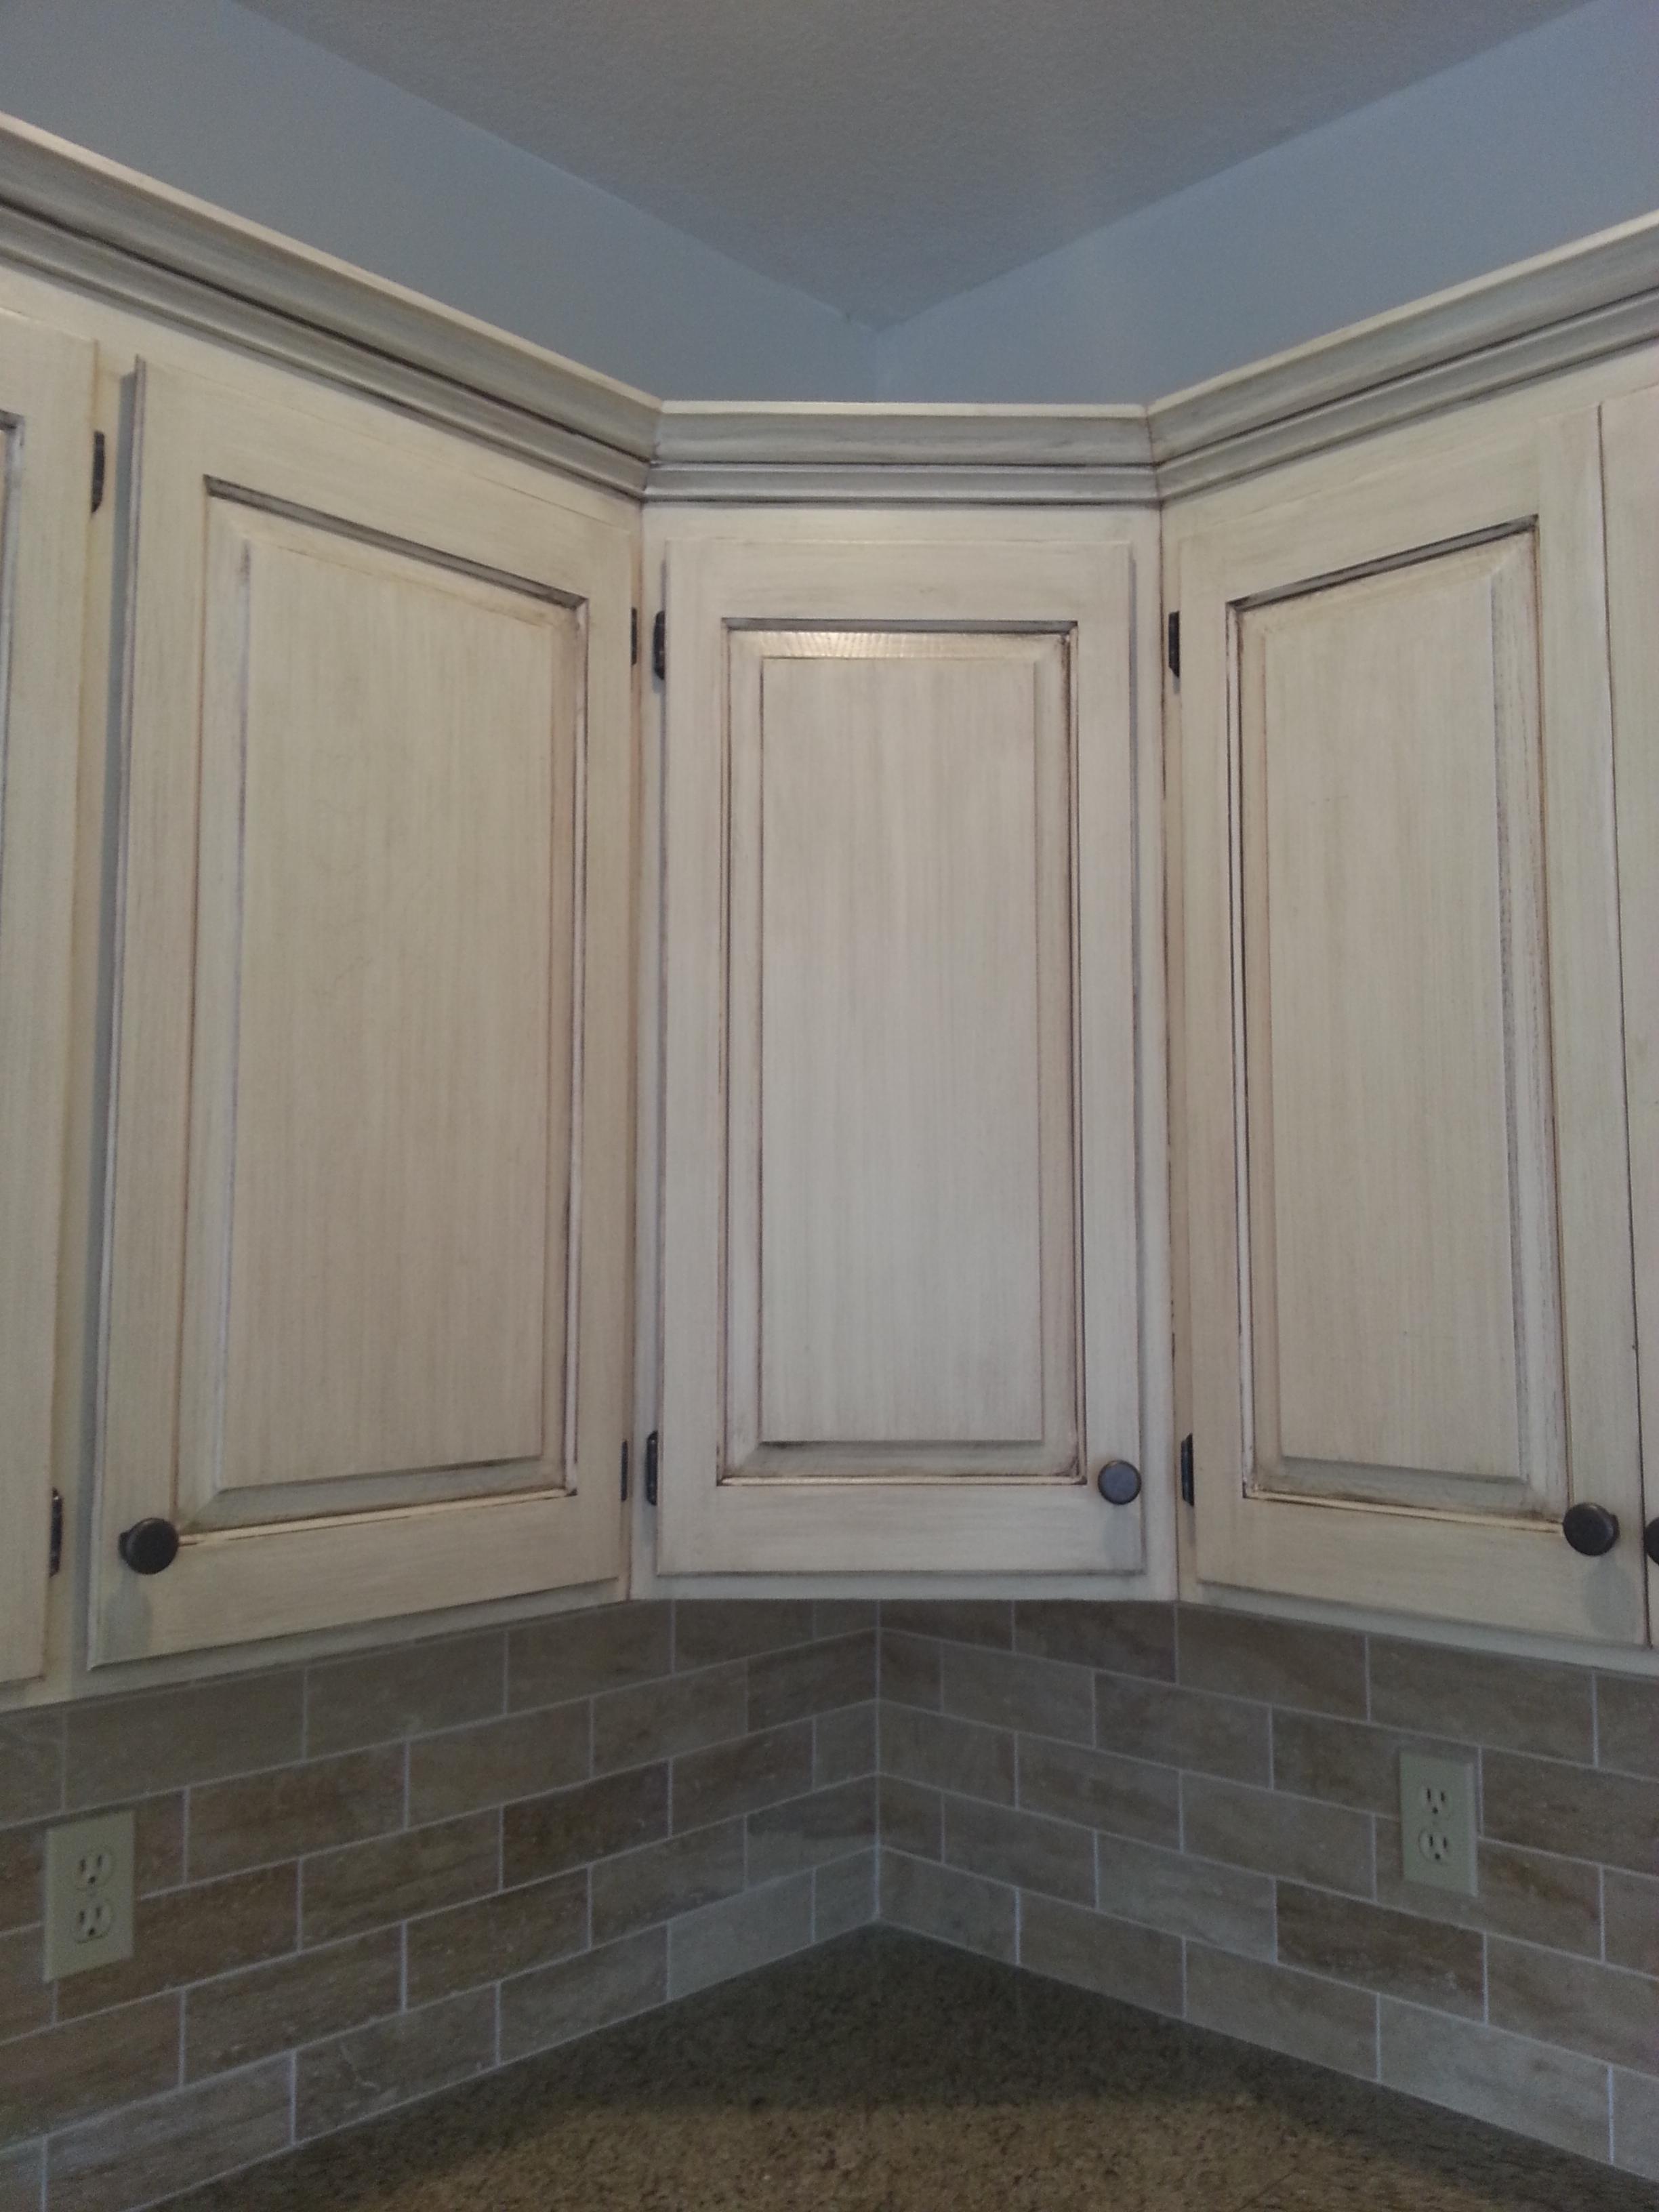 restaining-kitchen-cabinets-gel-stain-photo-12